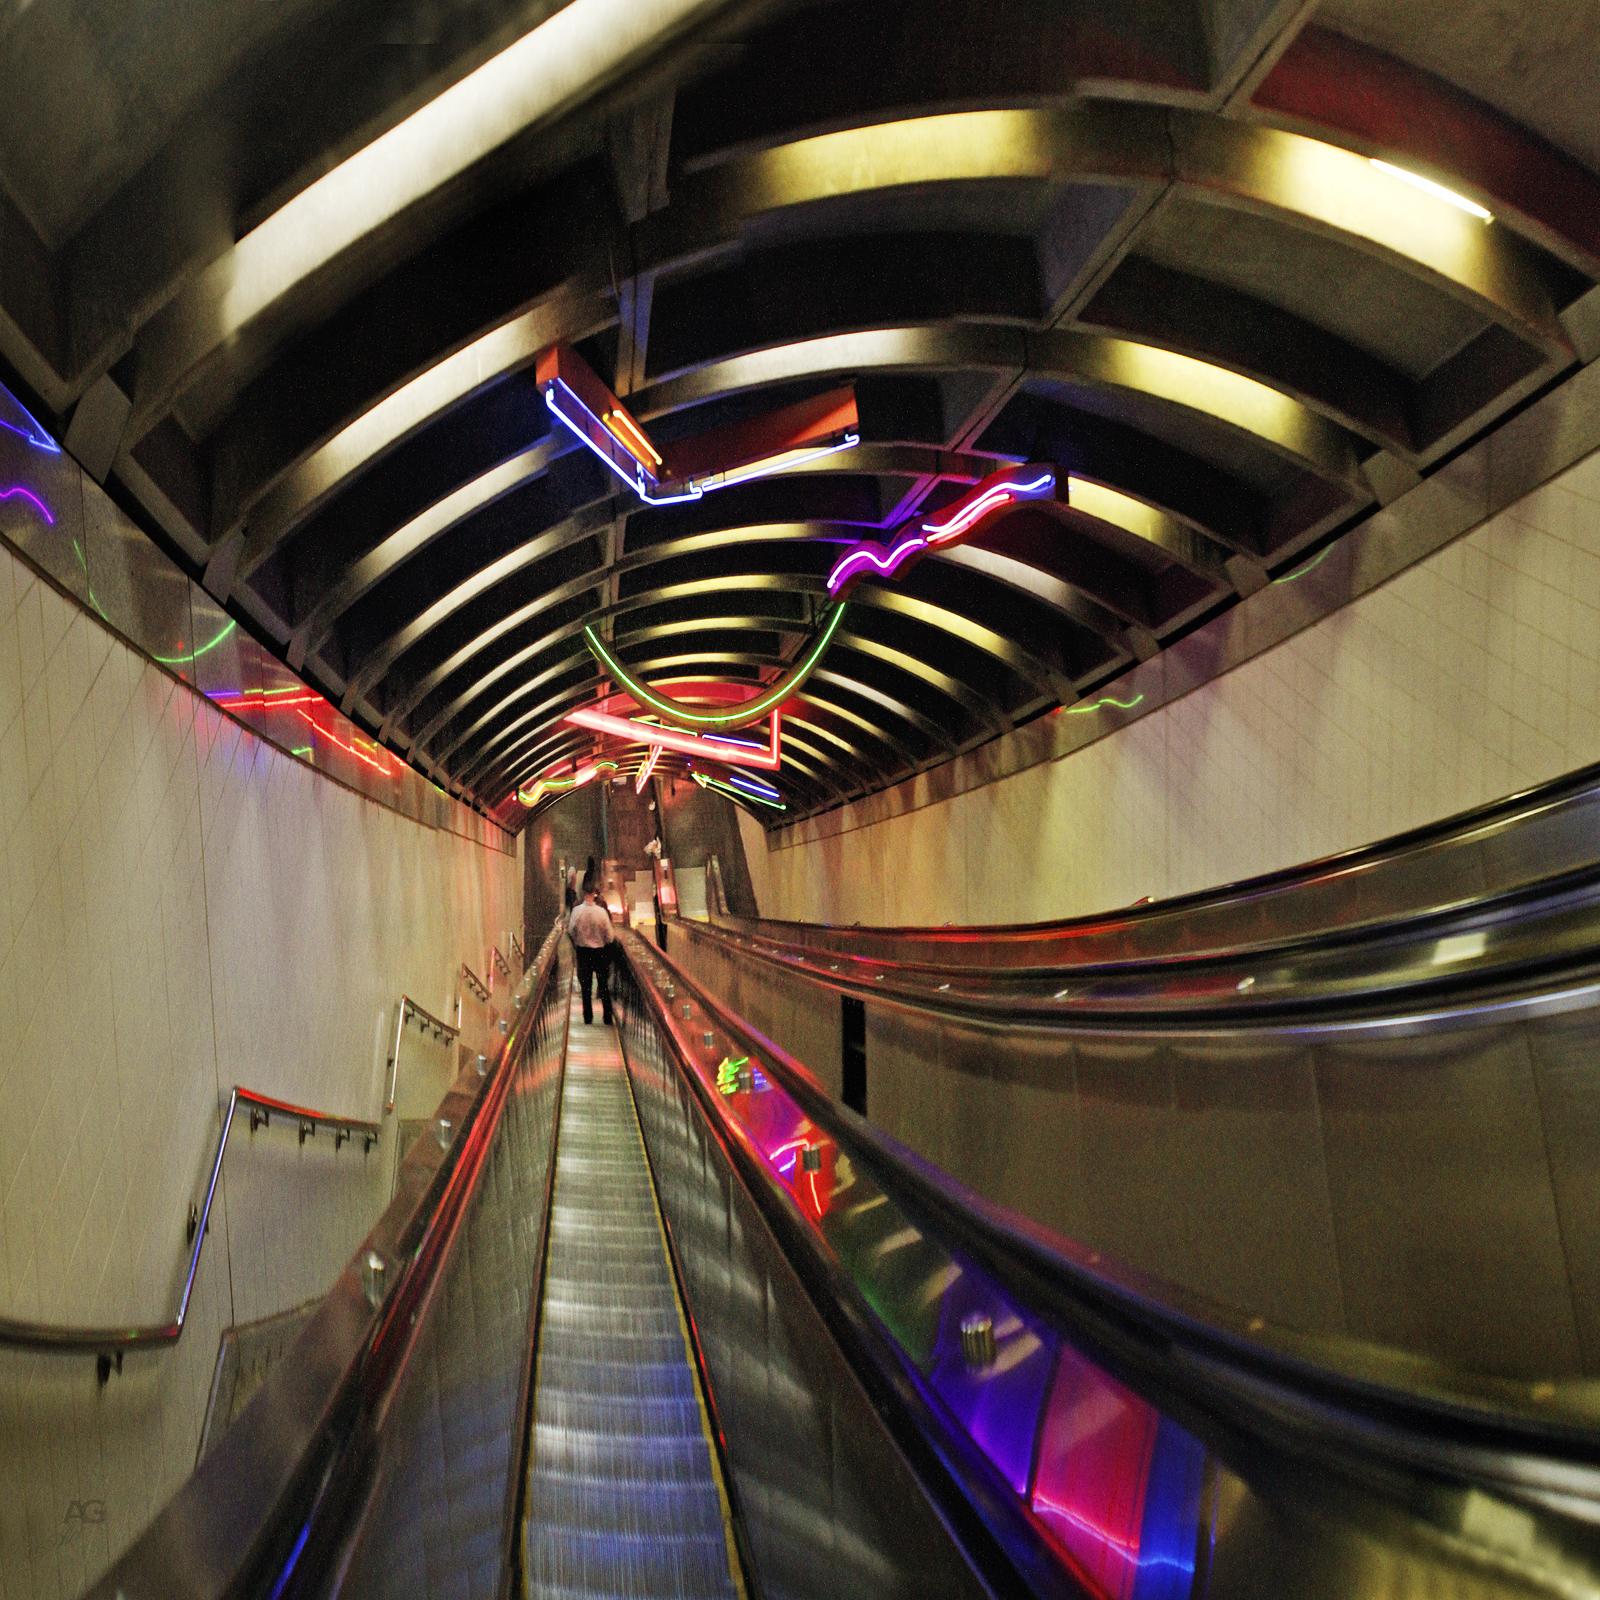 ElevatorOnExchangePlaceSubwayTrainPATHstation_large_10K_Squished_1600 - Copy